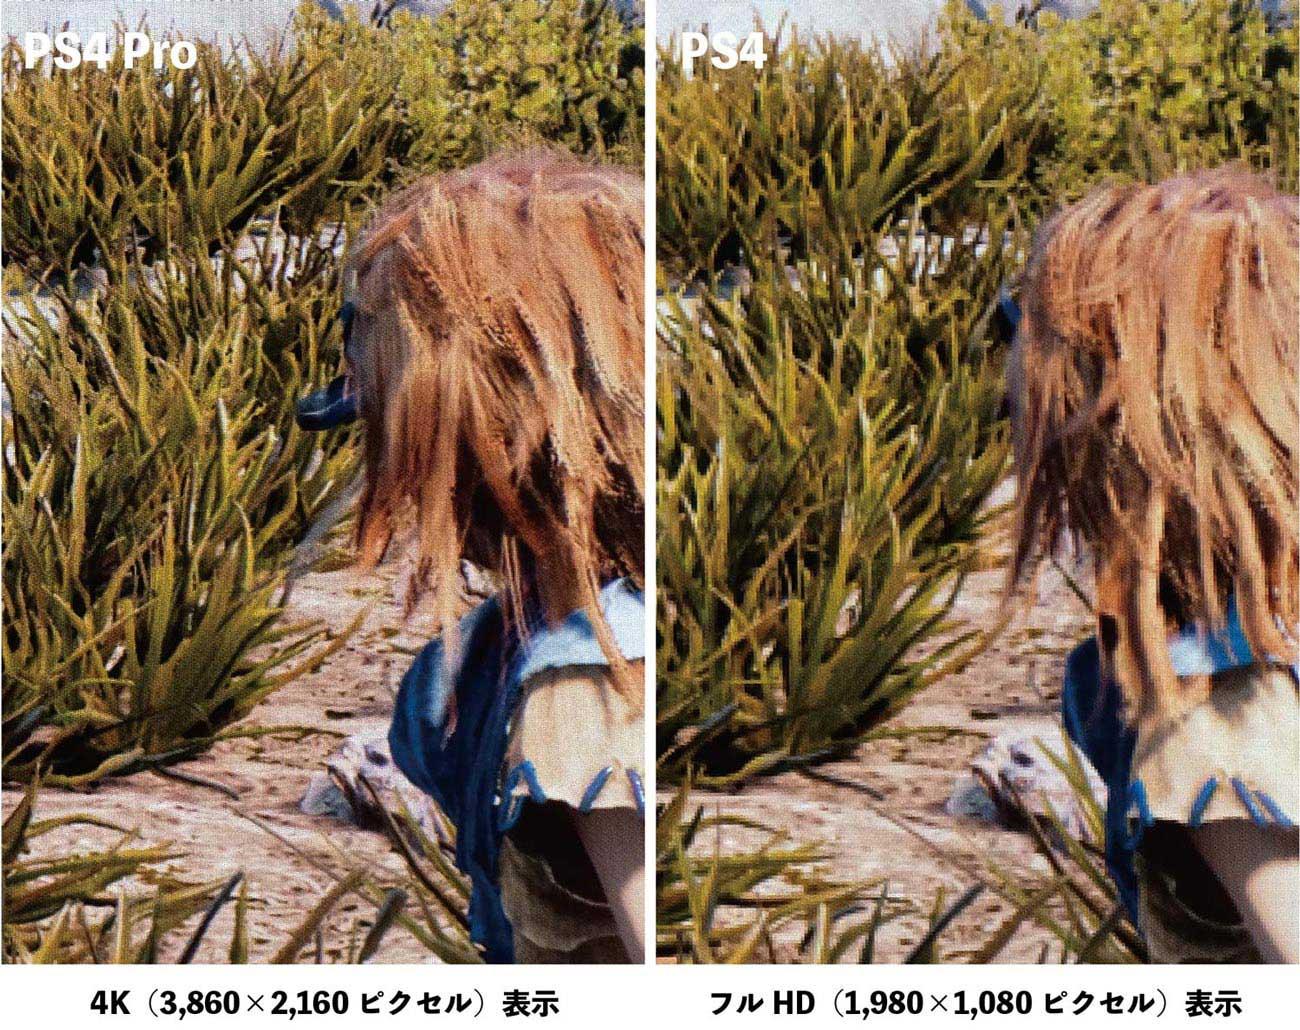 PS4 Pro 4Kと2Kの画質比較1